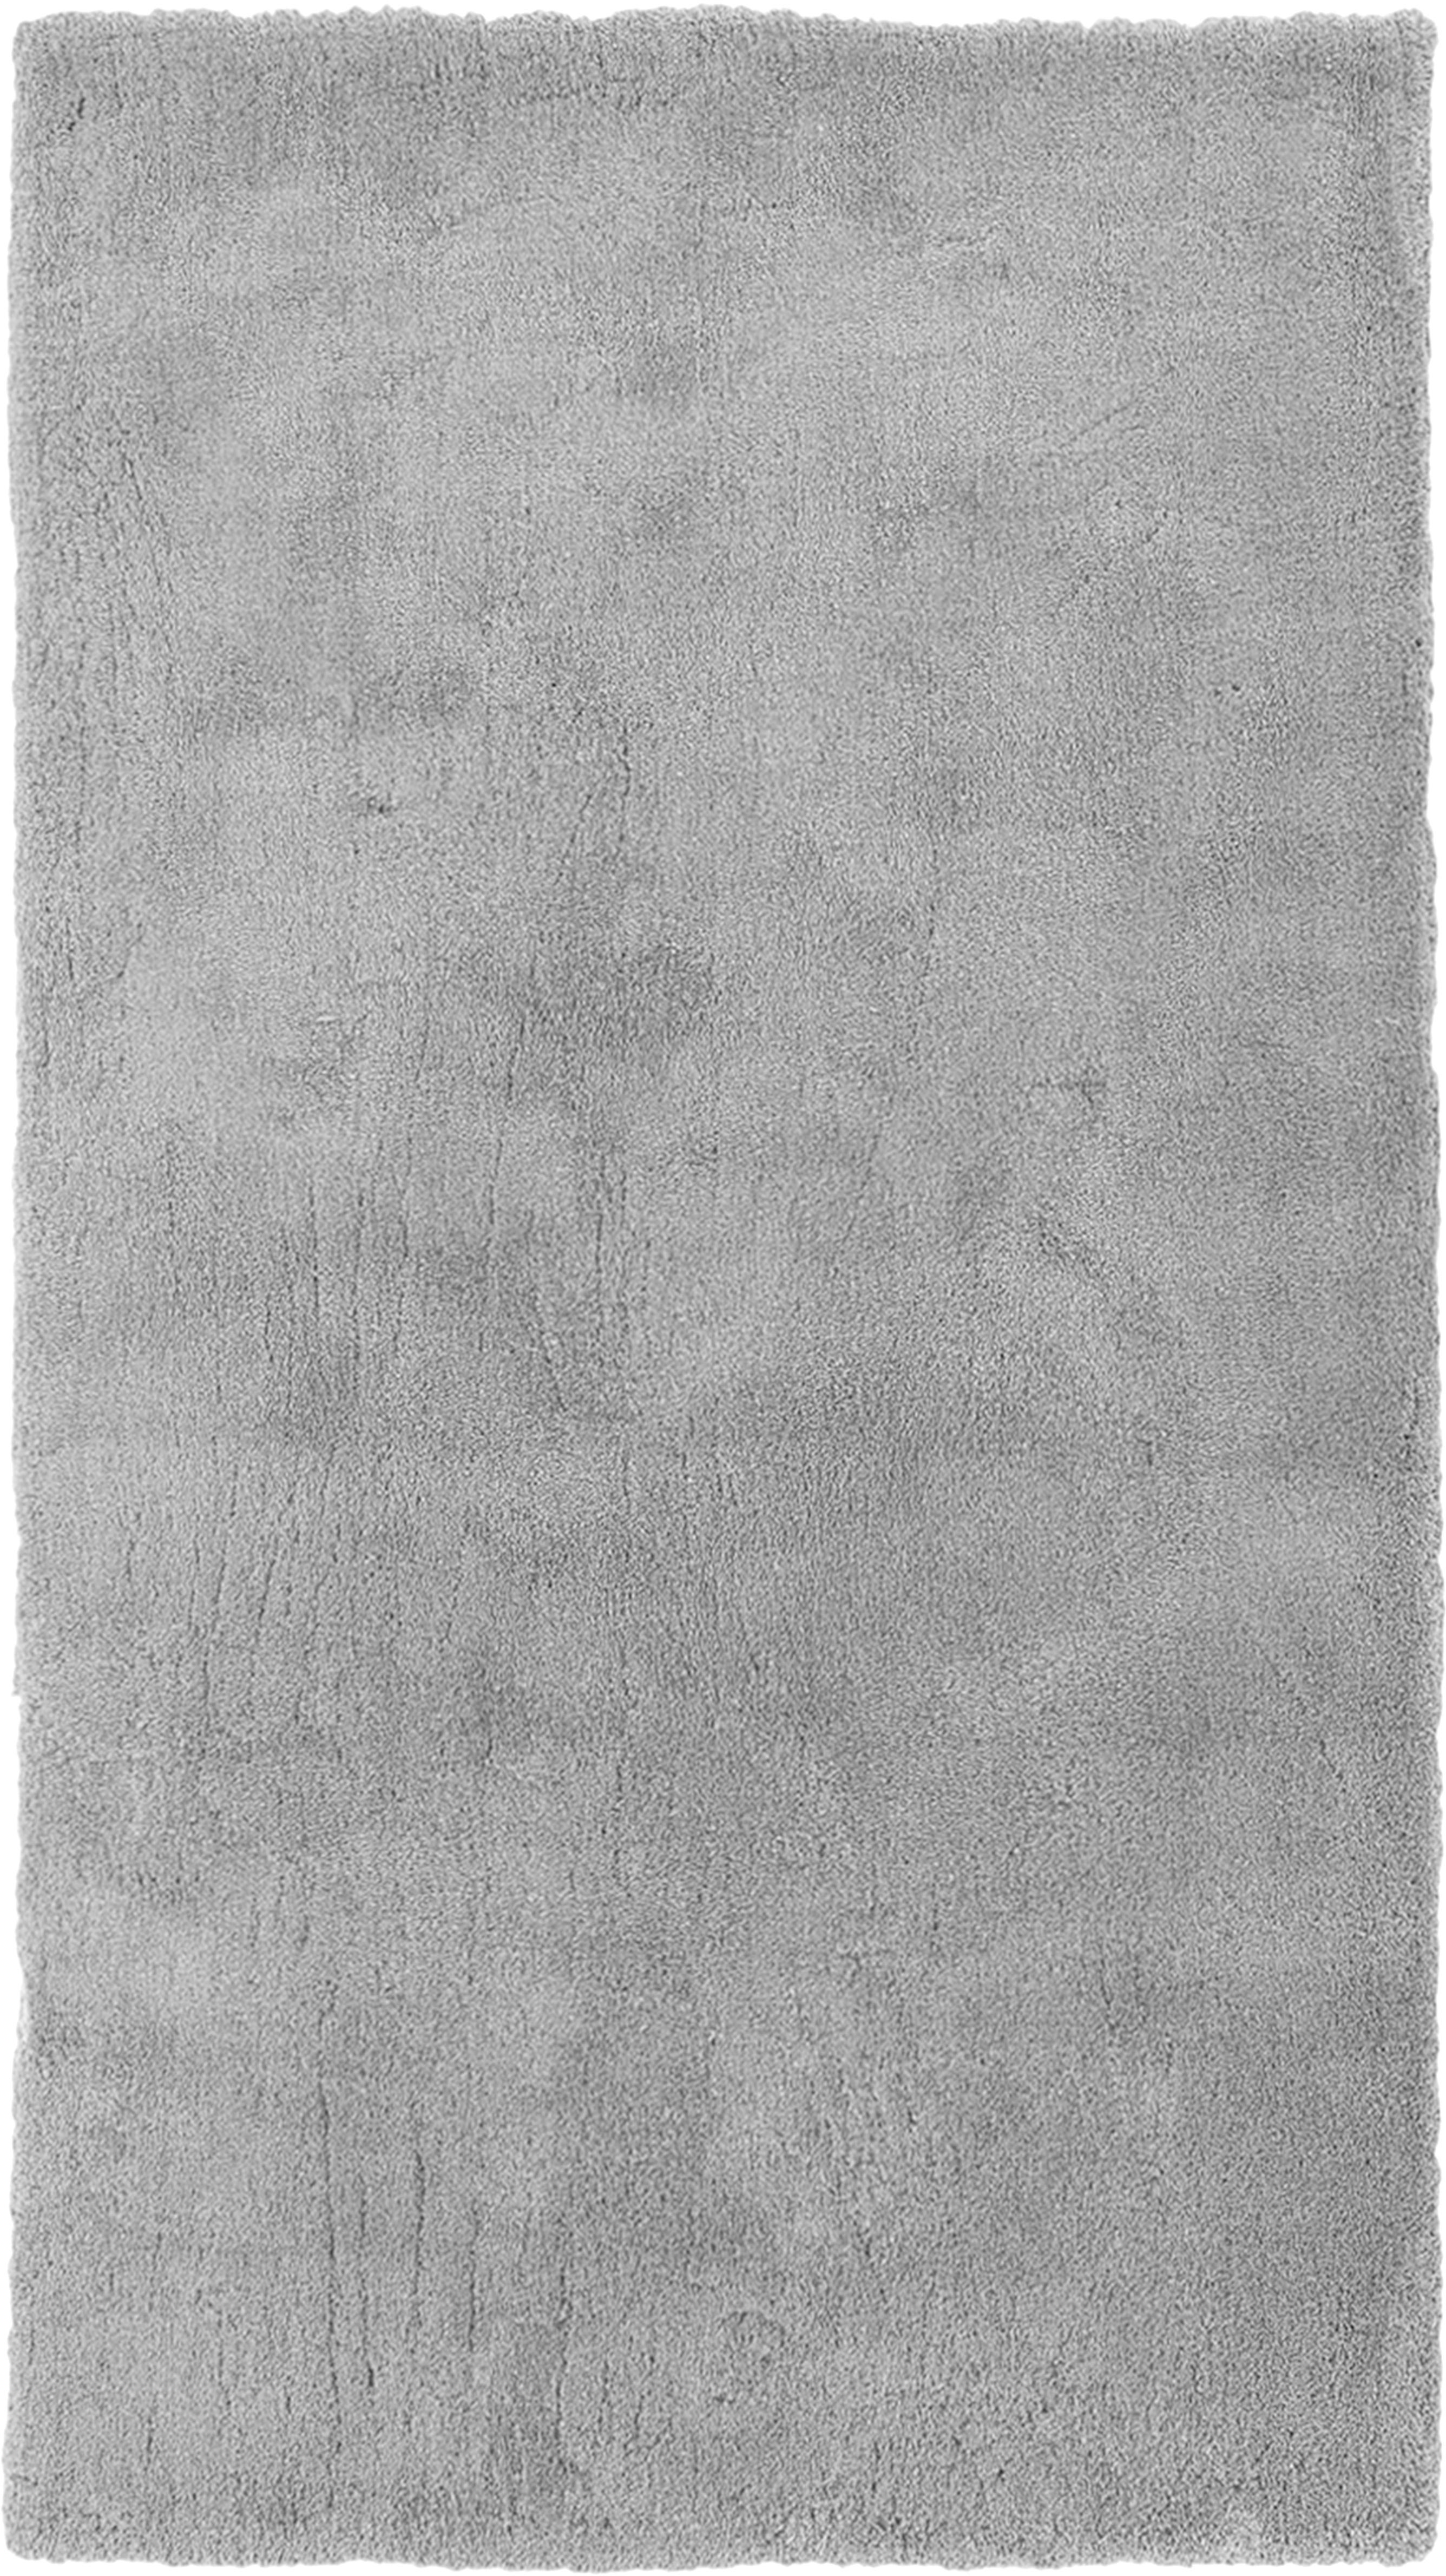 Tappeto peloso morbido grigio scuro Leighton, Retro: 70% poliestere, 30% coton, Grigio, Larg.160 x Lung. 230 cm  (taglia M)